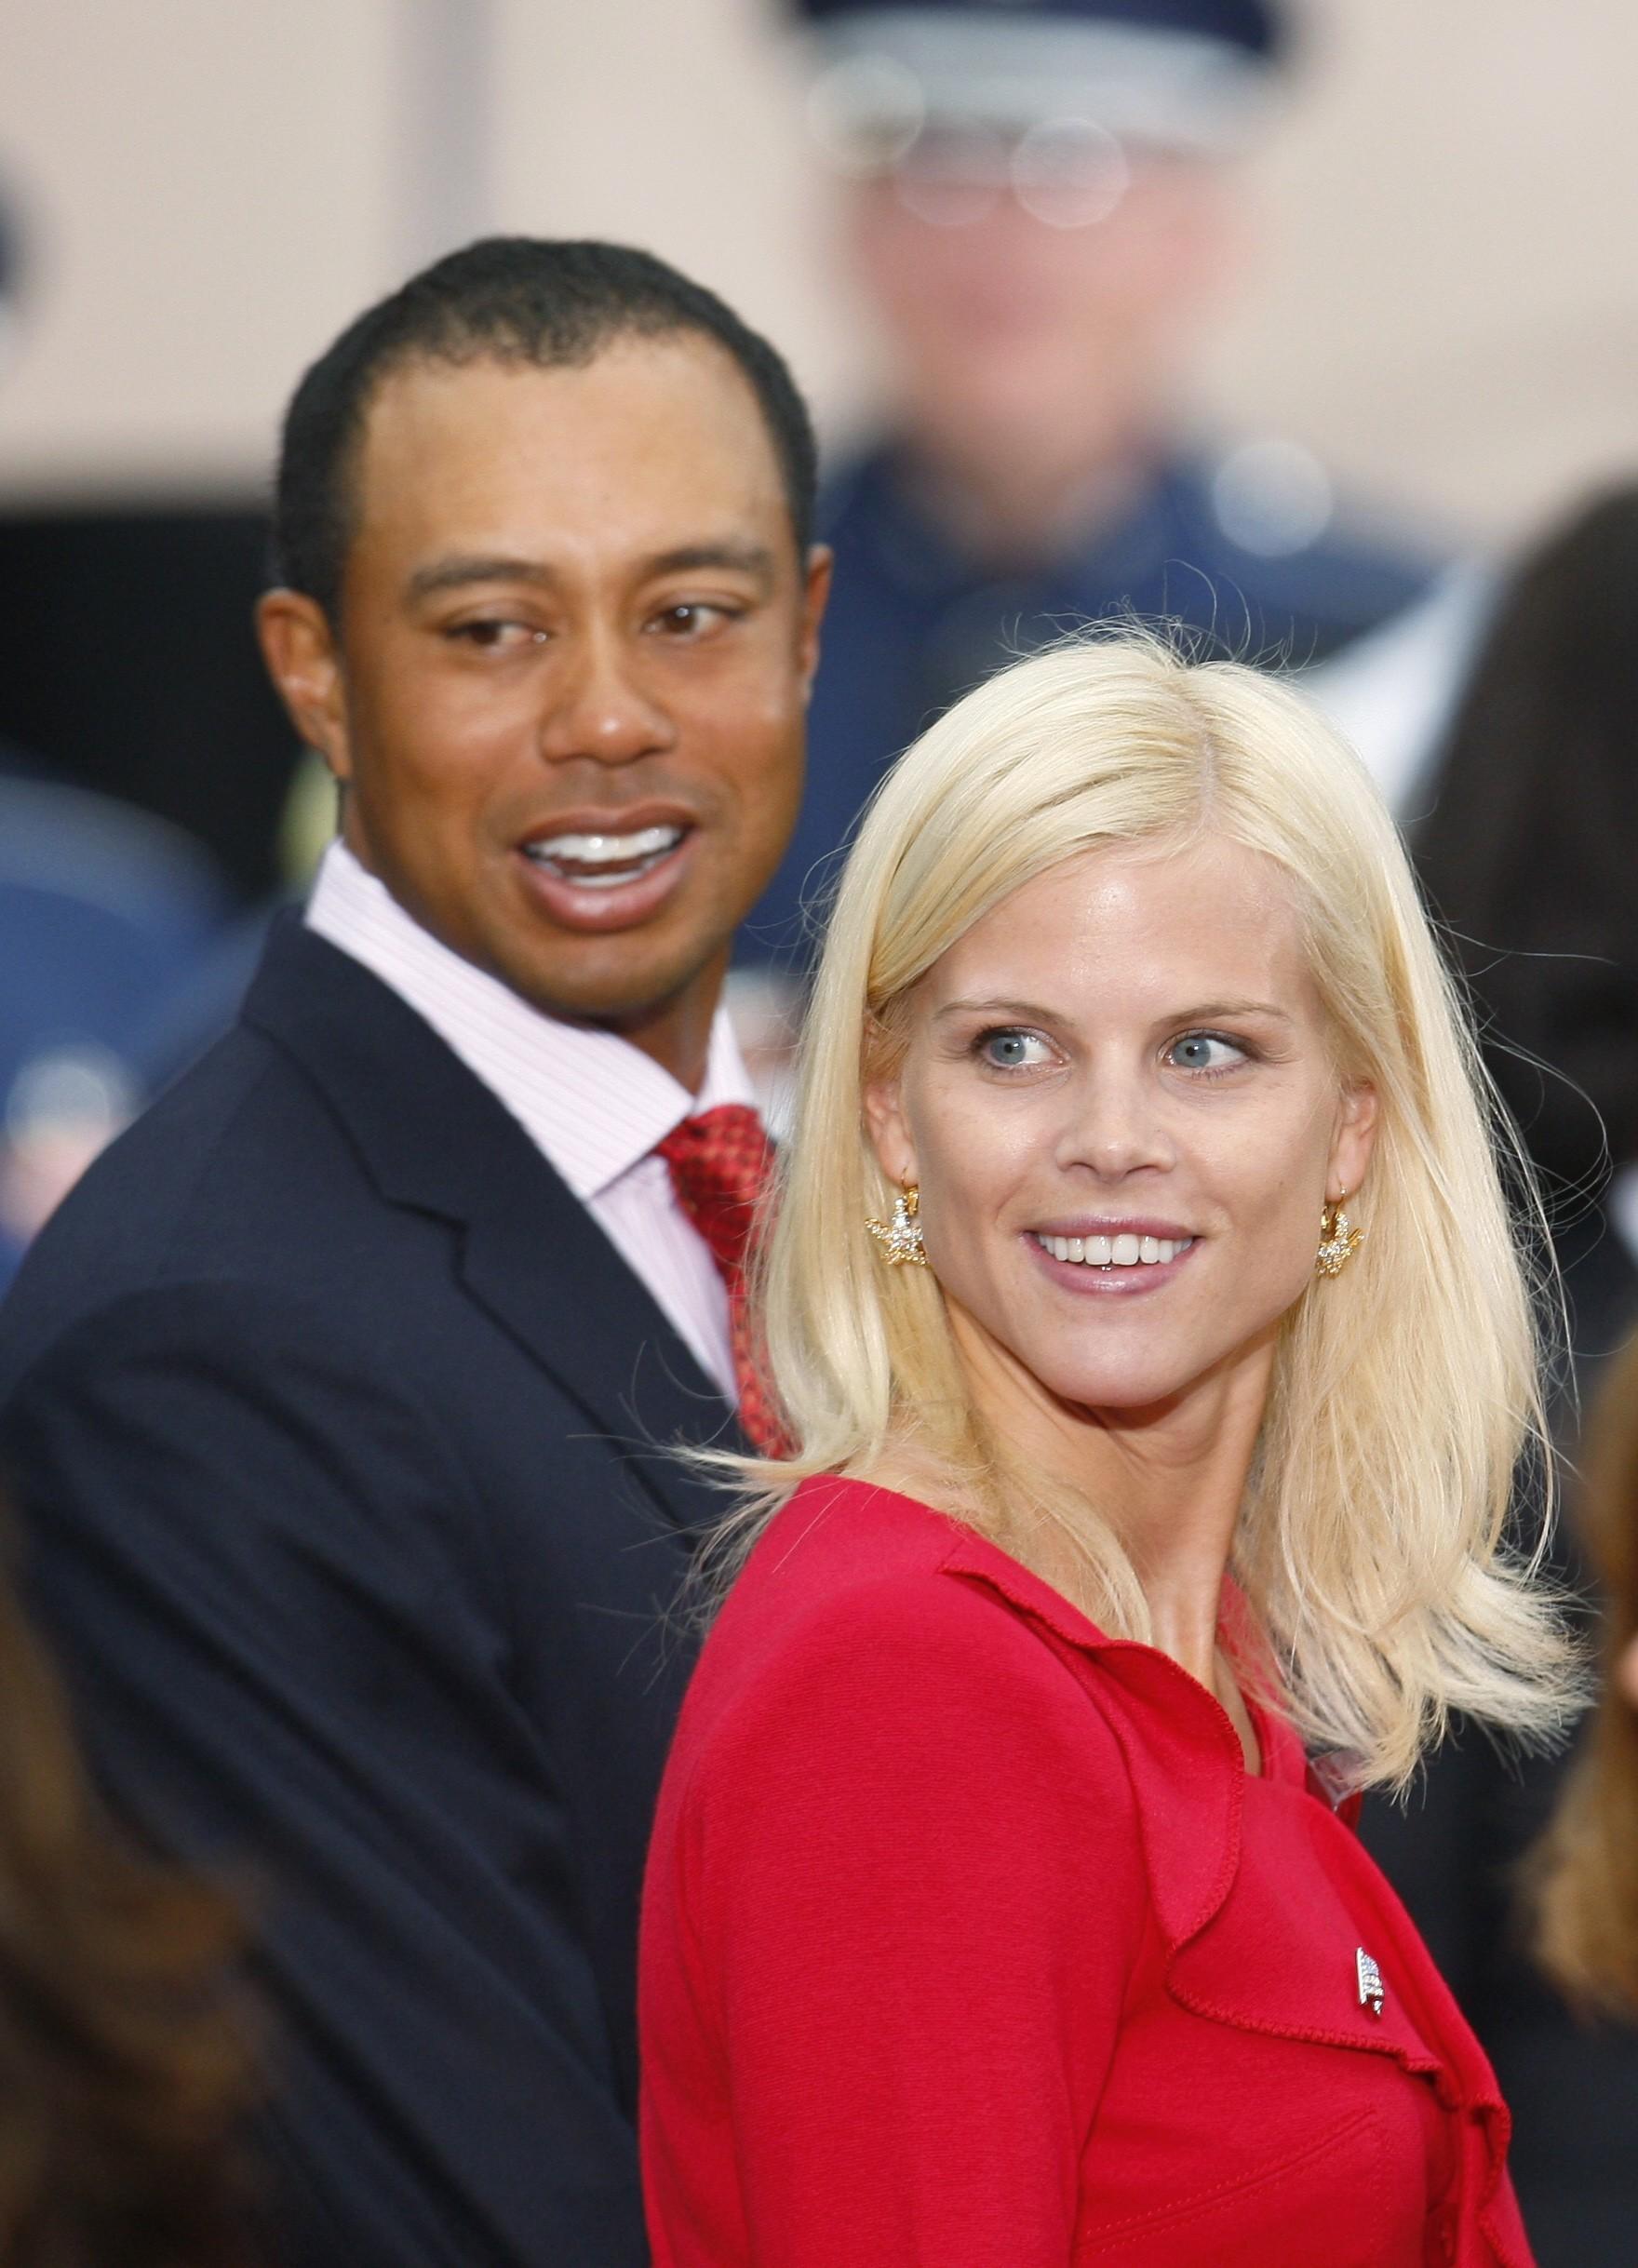 Tiger Woods and ex-wife Elin Nordegren split in 2010